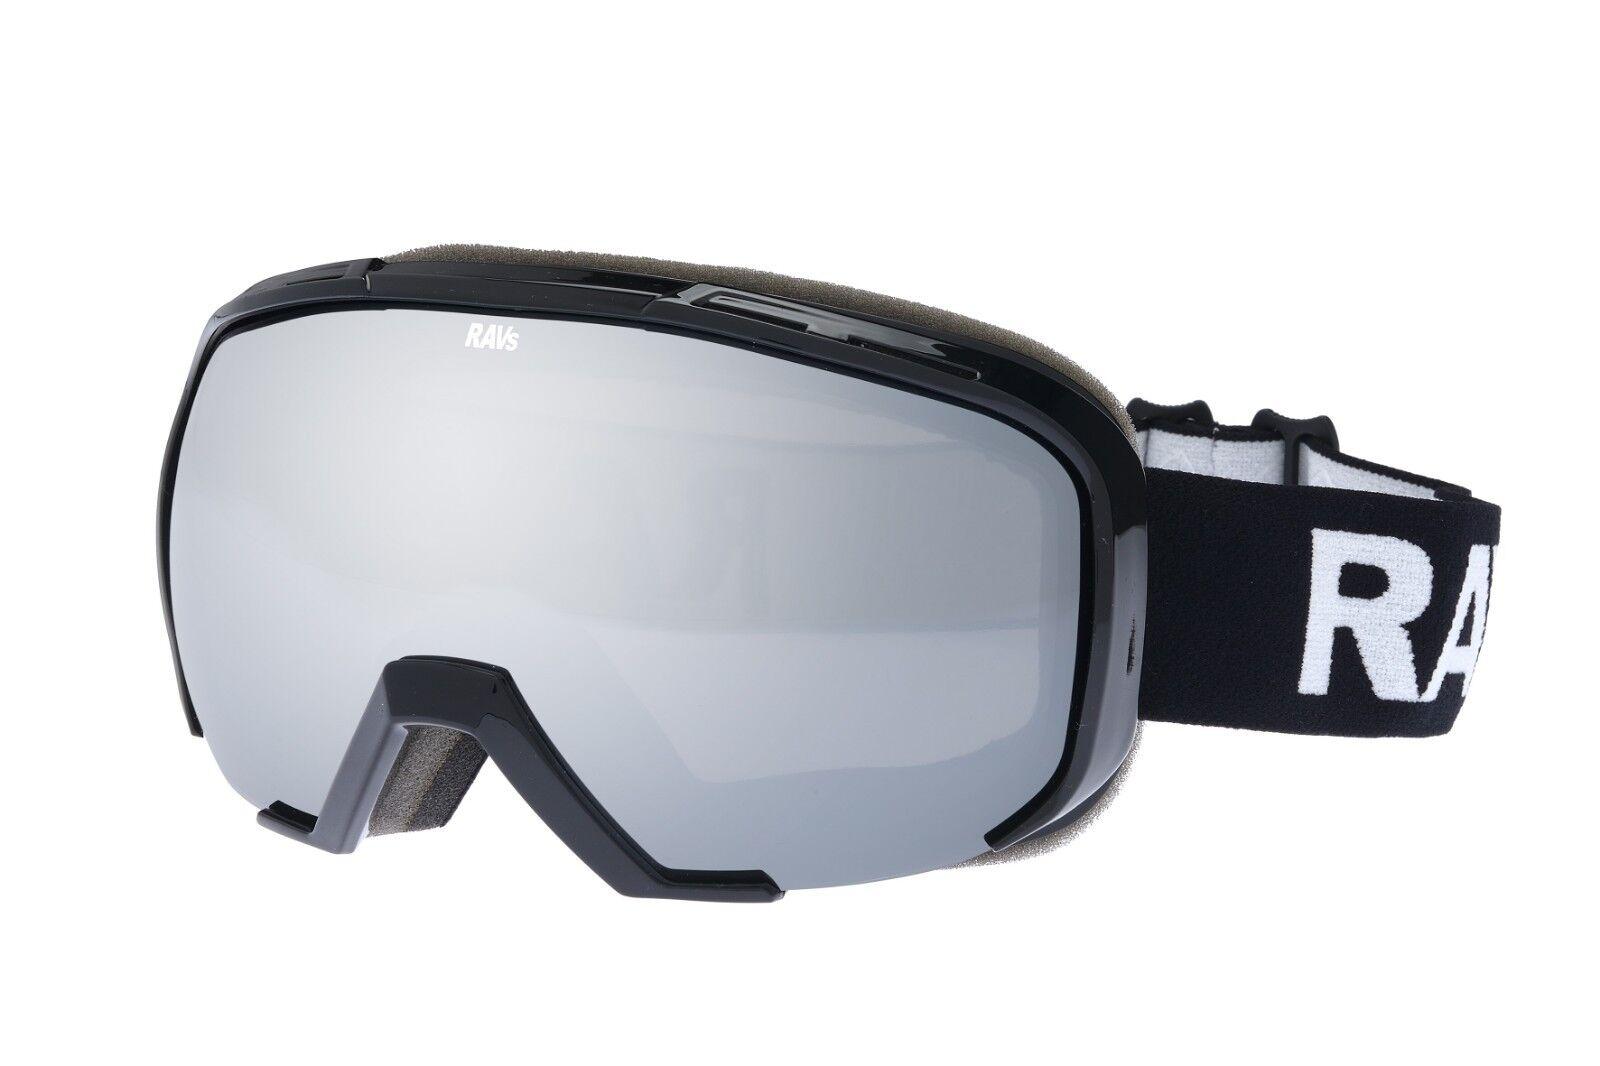 Ravs Occhiali da Snowboard Sci Compatibile con Casco extra extra Casco Contrasto 8c6fdd